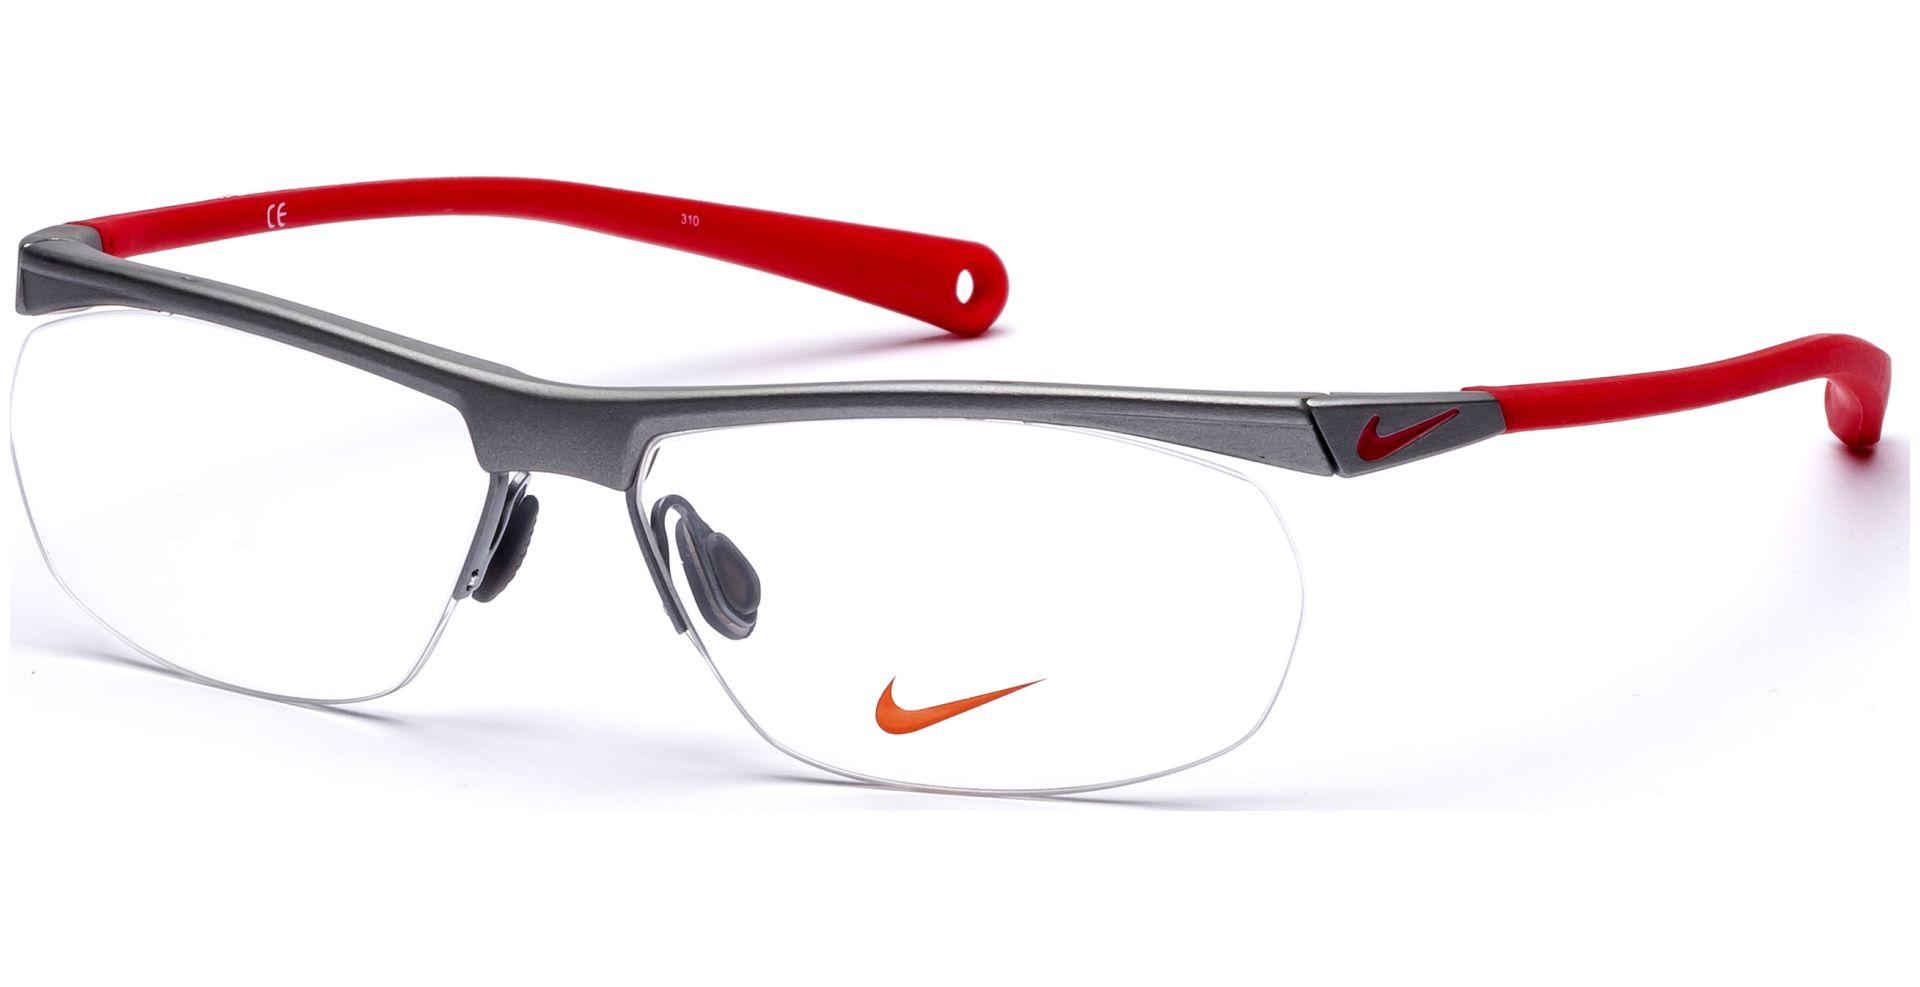 Nike - 7072/1 048 5714 Matte Platinum/Hyper Red - von Lensbest